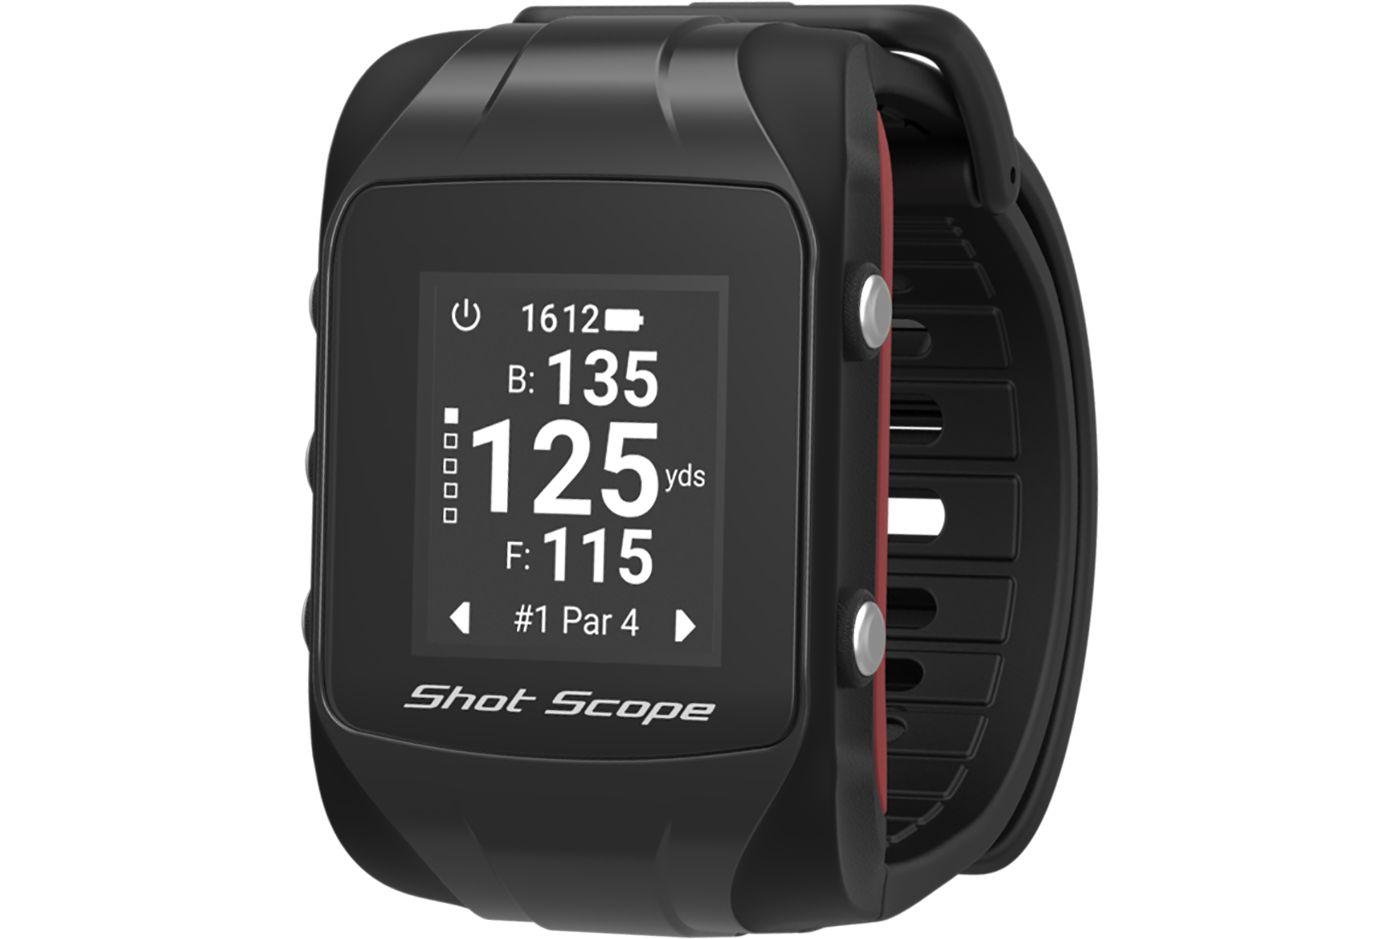 Shot Scope V2 Golf GPS + Performance Tracker